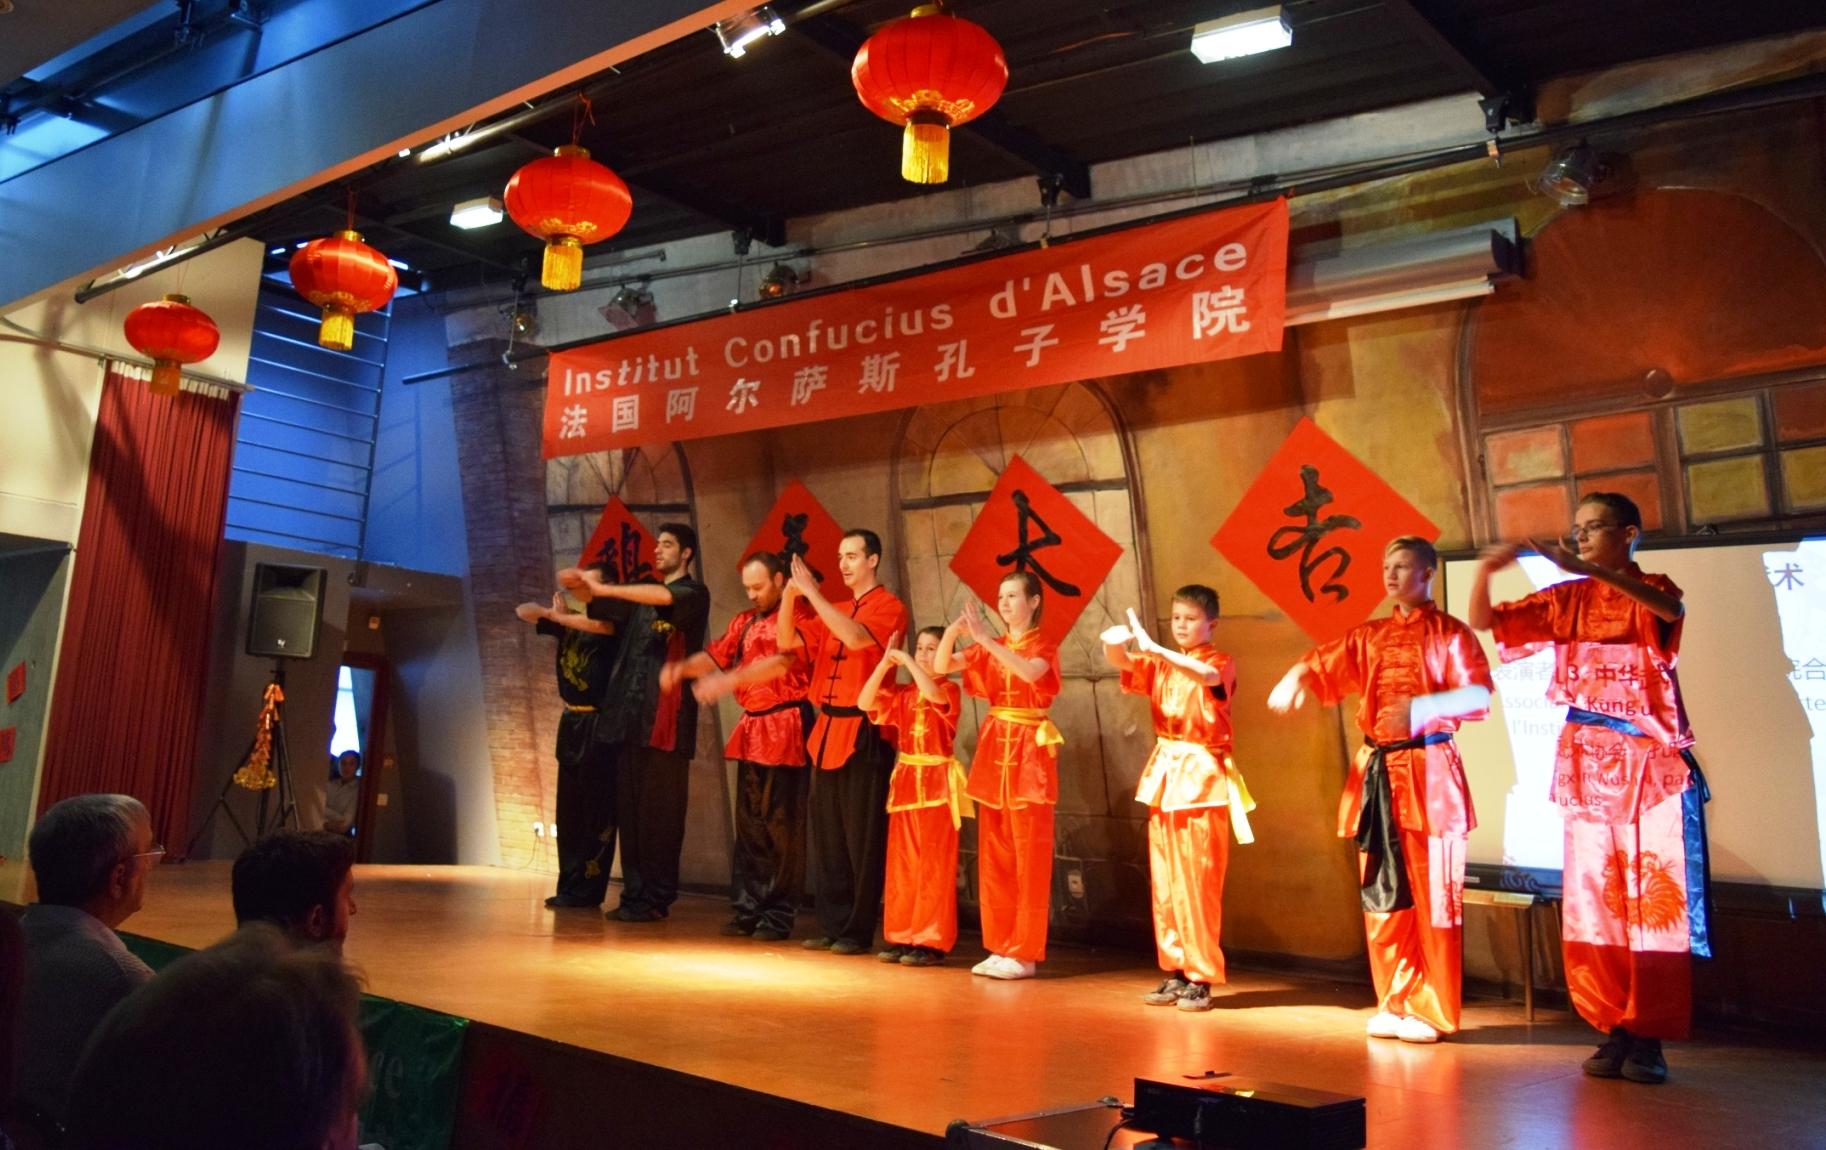 ev nement f te du nouvel an chinois ann e du coq spectacle institut confucius alsace. Black Bedroom Furniture Sets. Home Design Ideas